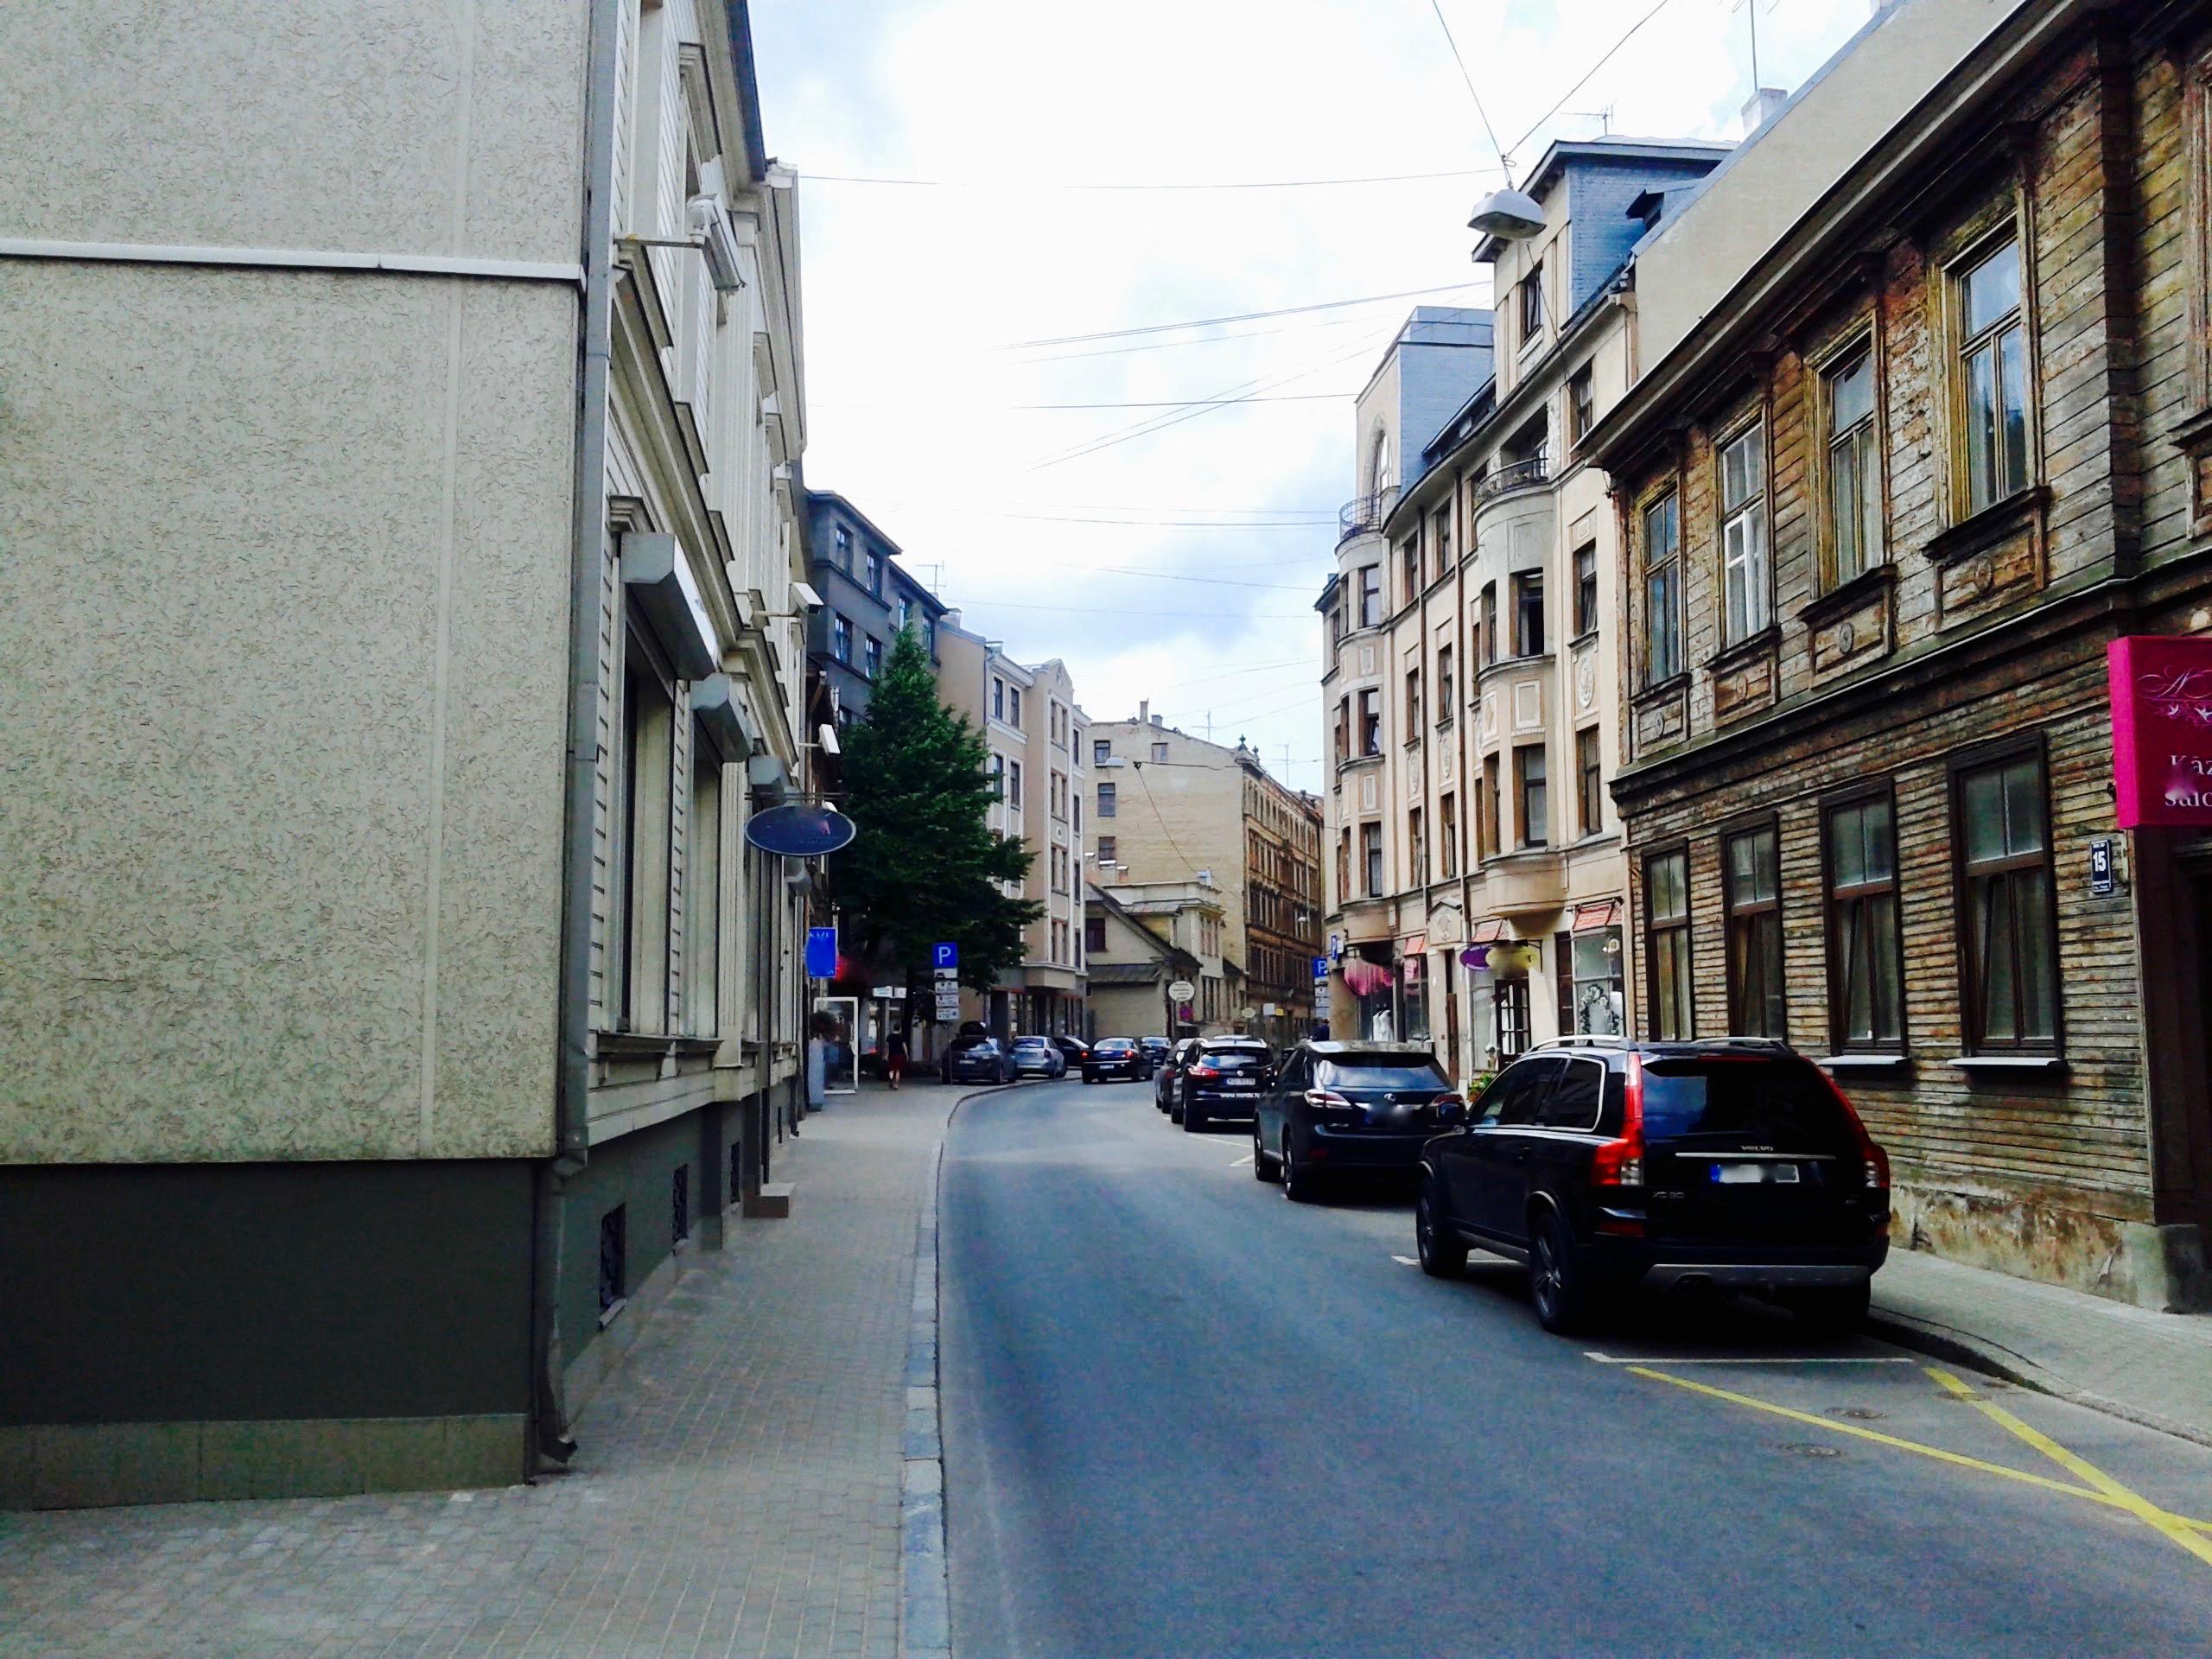 Residential buildings on Avotu street